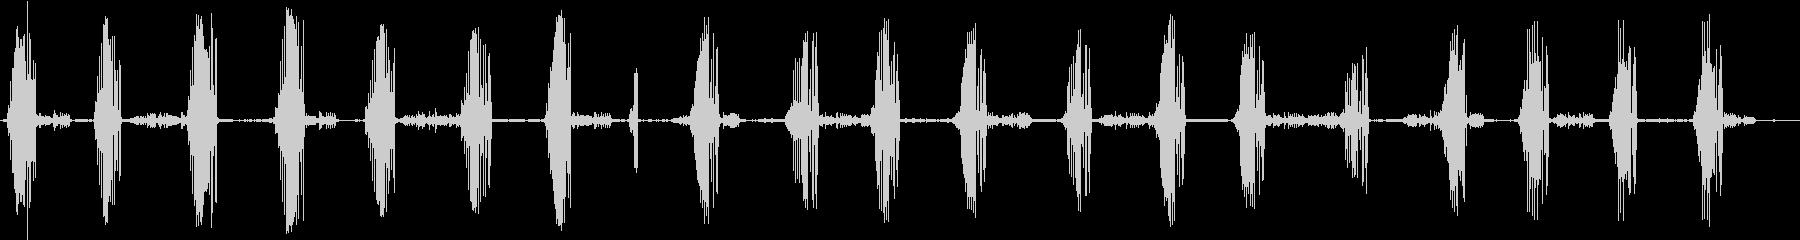 【環境音】 21 バードウォッチングの未再生の波形